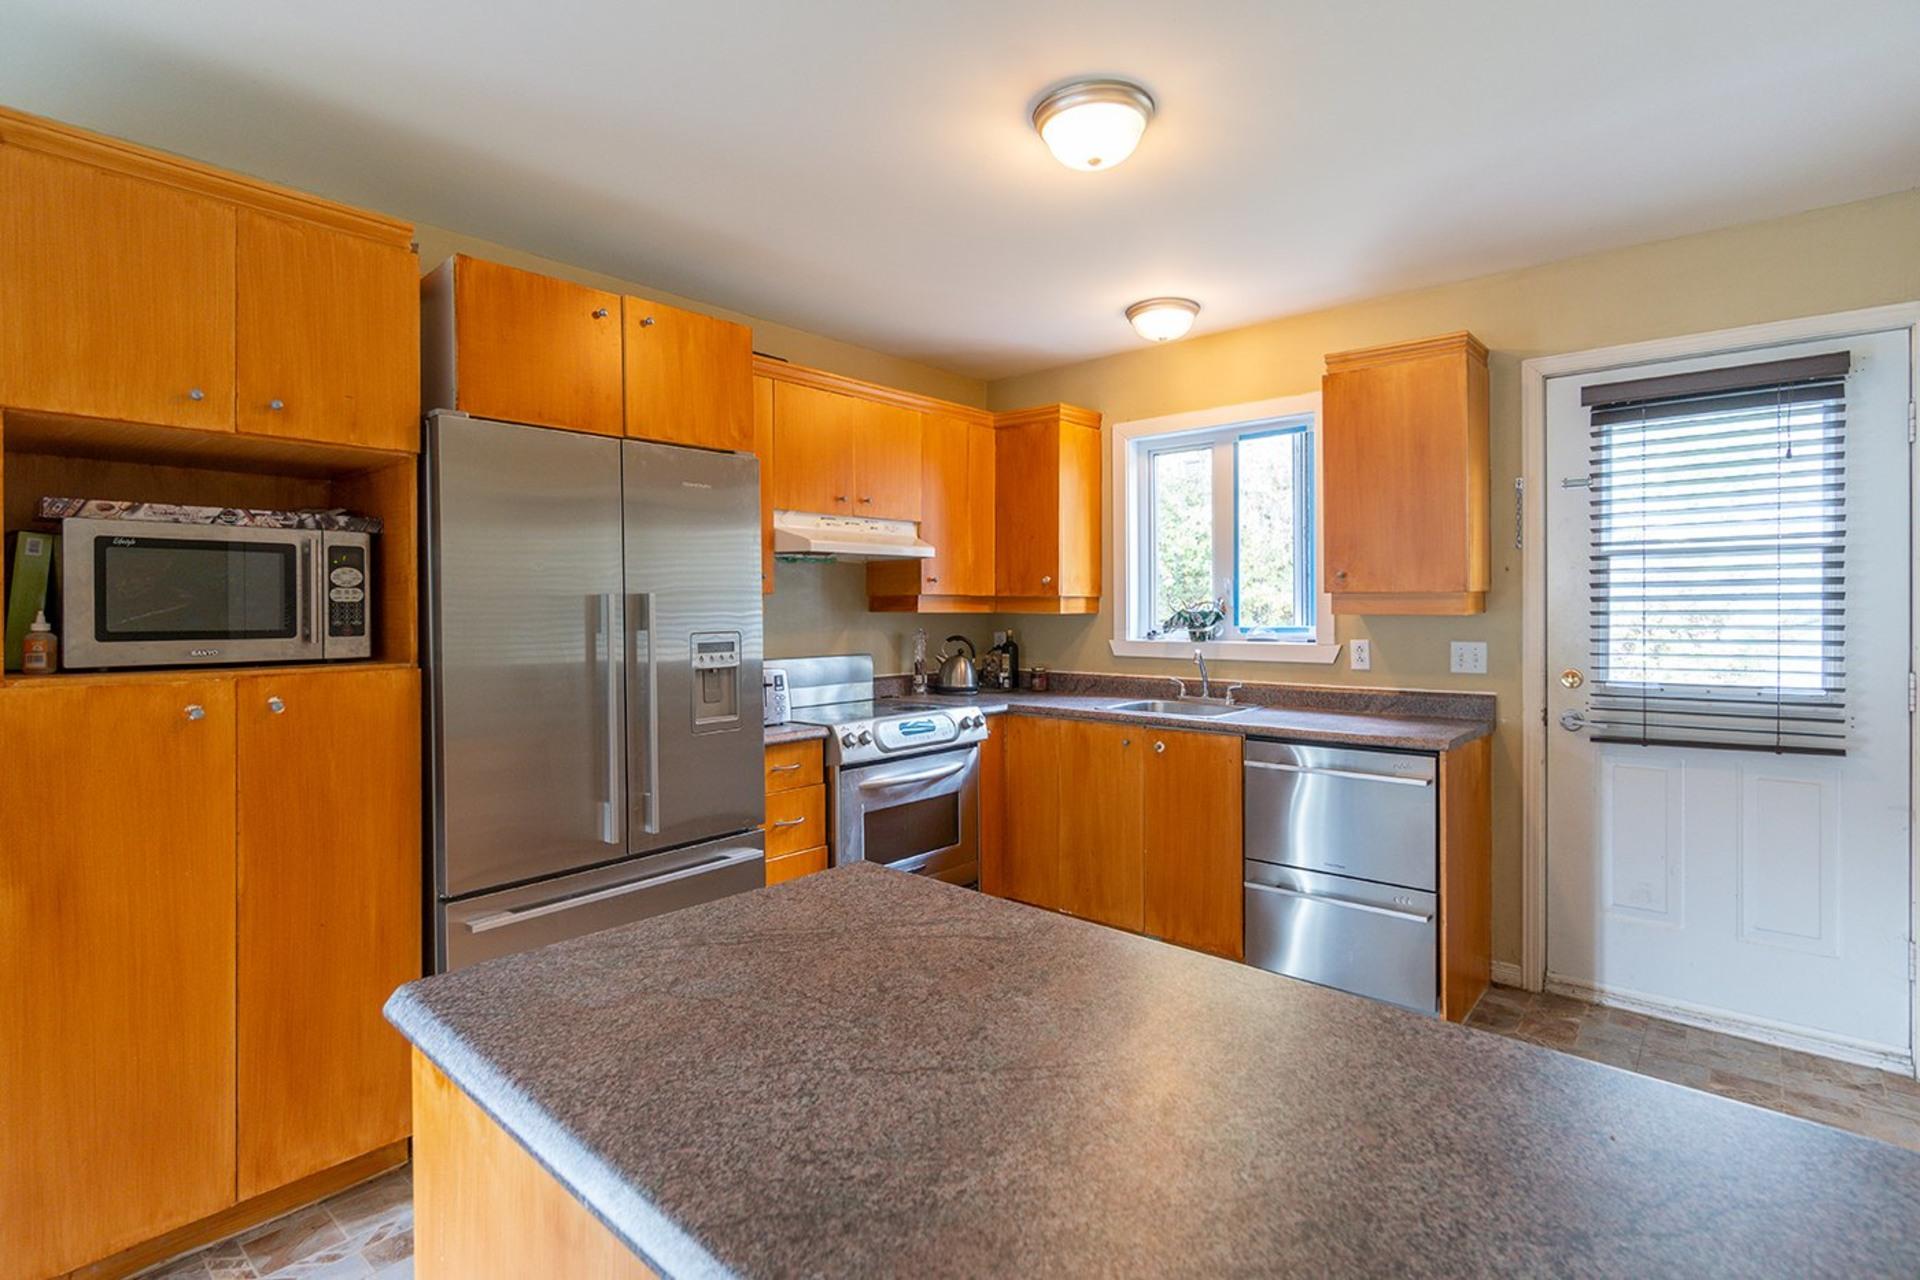 image 8 - Maison À vendre Fleurimont Sherbrooke  - 7 pièces